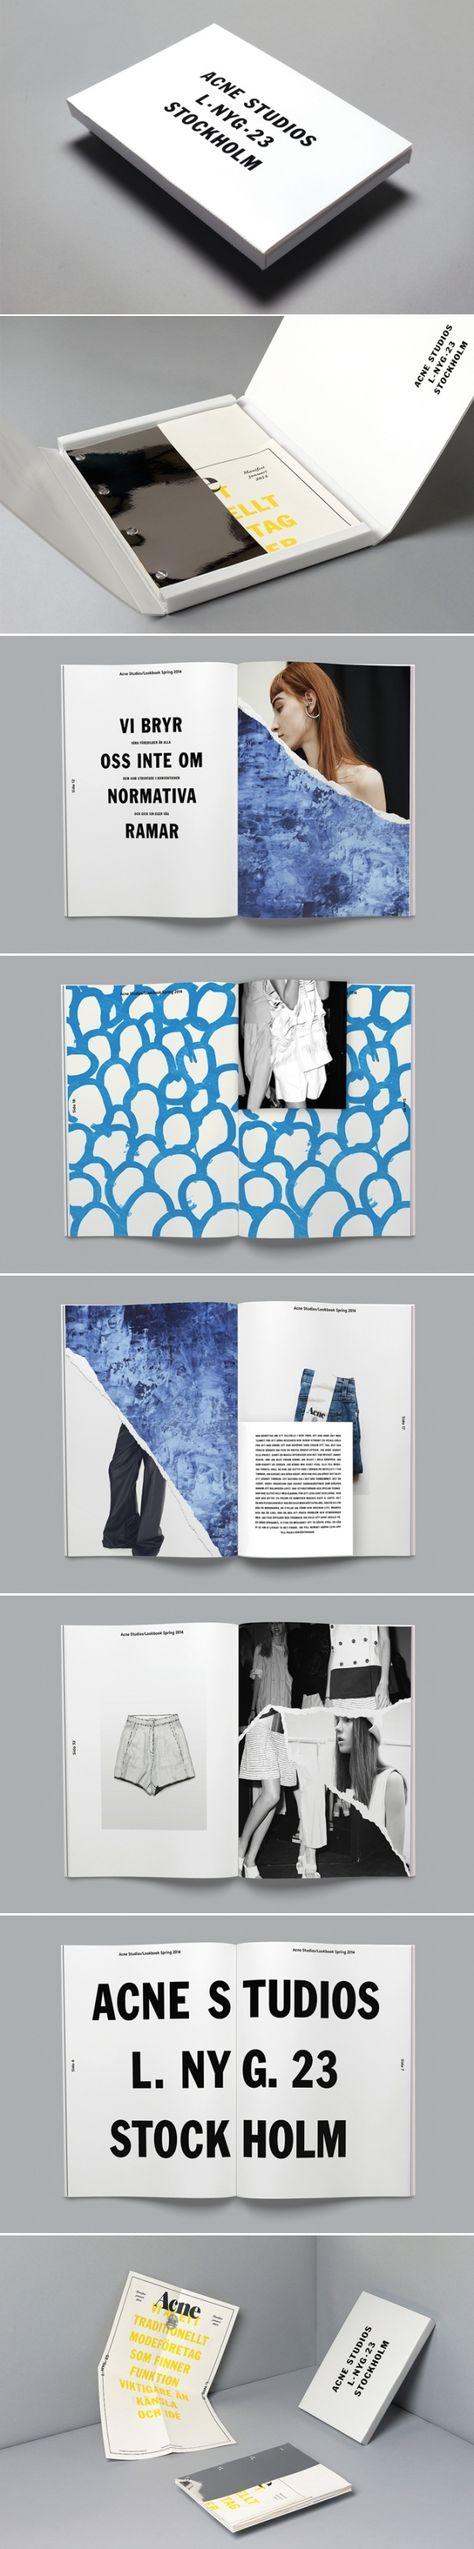 146 best Book Design images on Pinterest   Editorial design ...